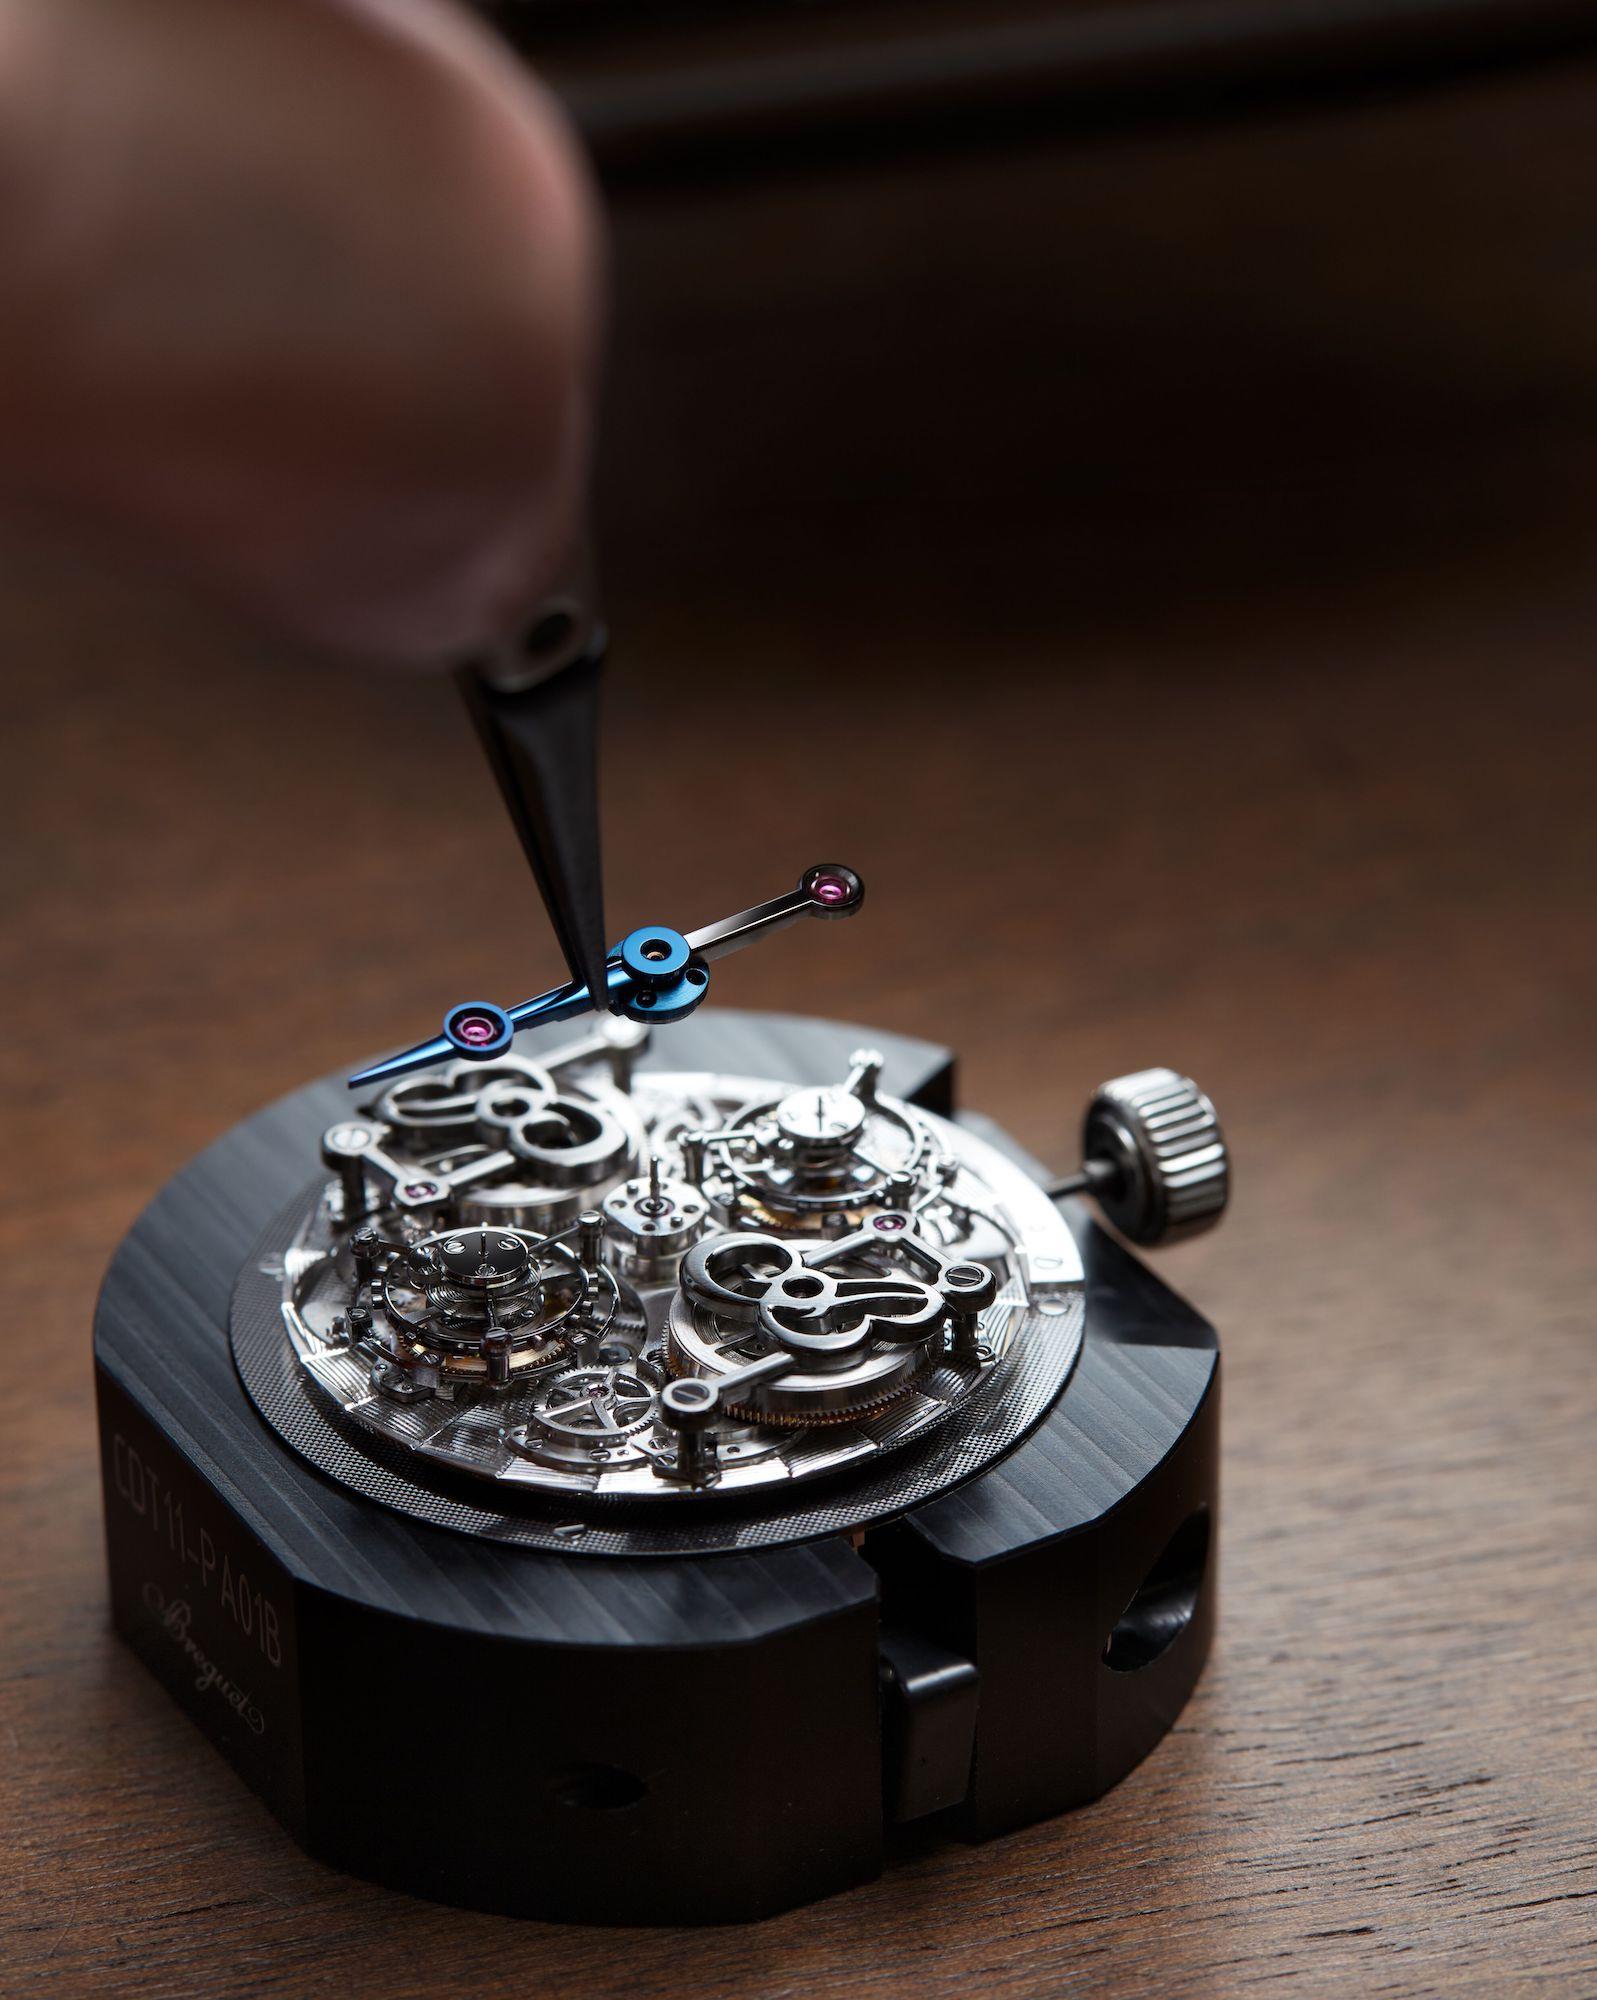 Breguet Classique Double Tourbillon Quai de l'Horloge 5345 detalle agujas